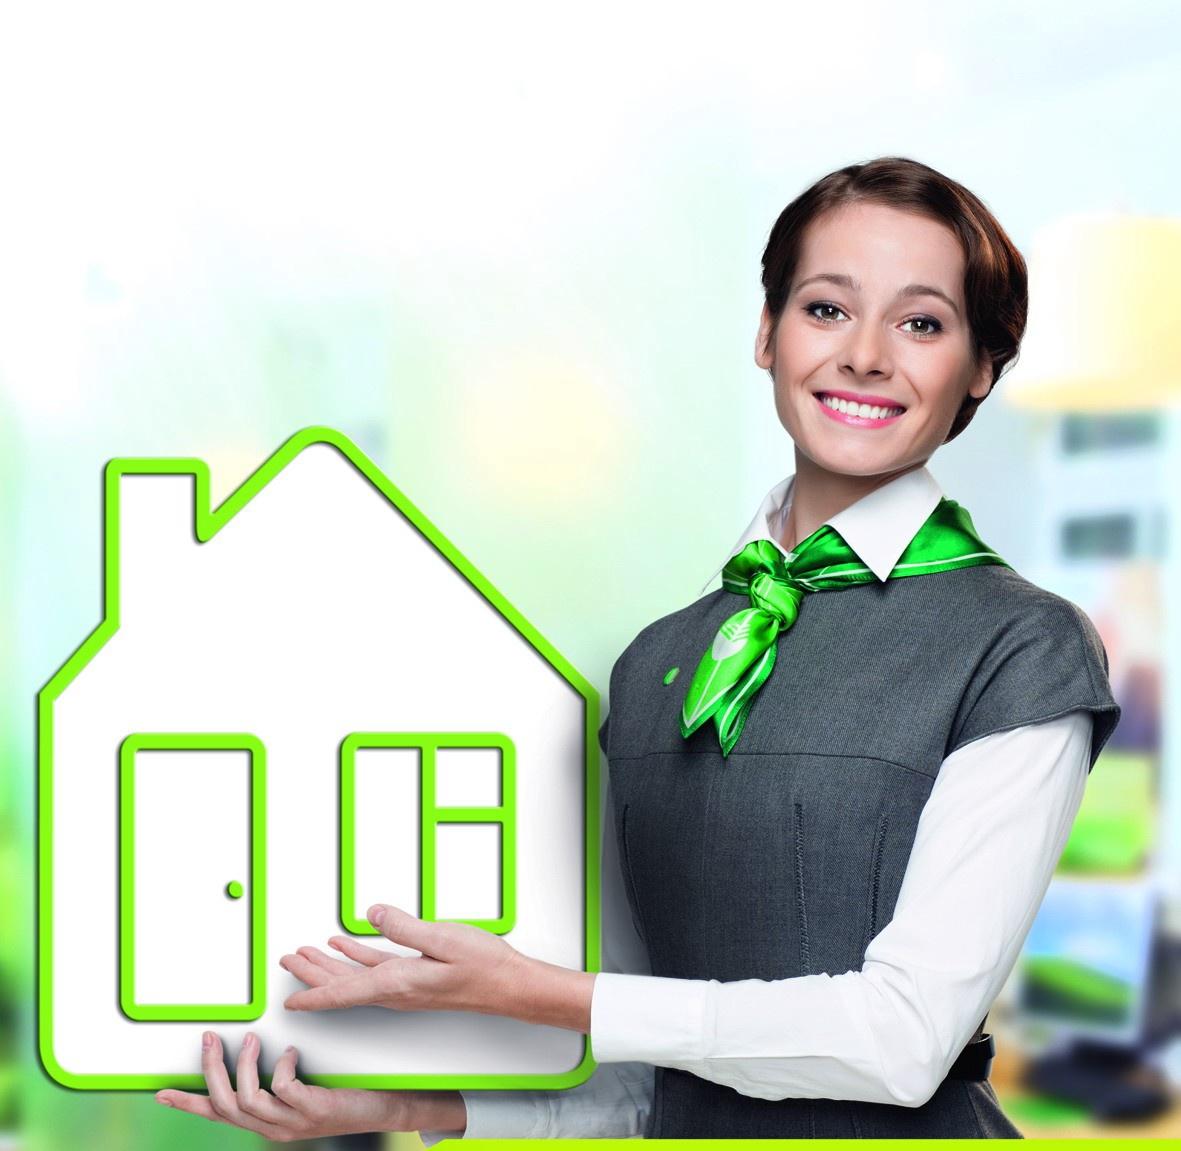 Ипотечное кредитование для молодых учителей особенности ипотеки для педагогов